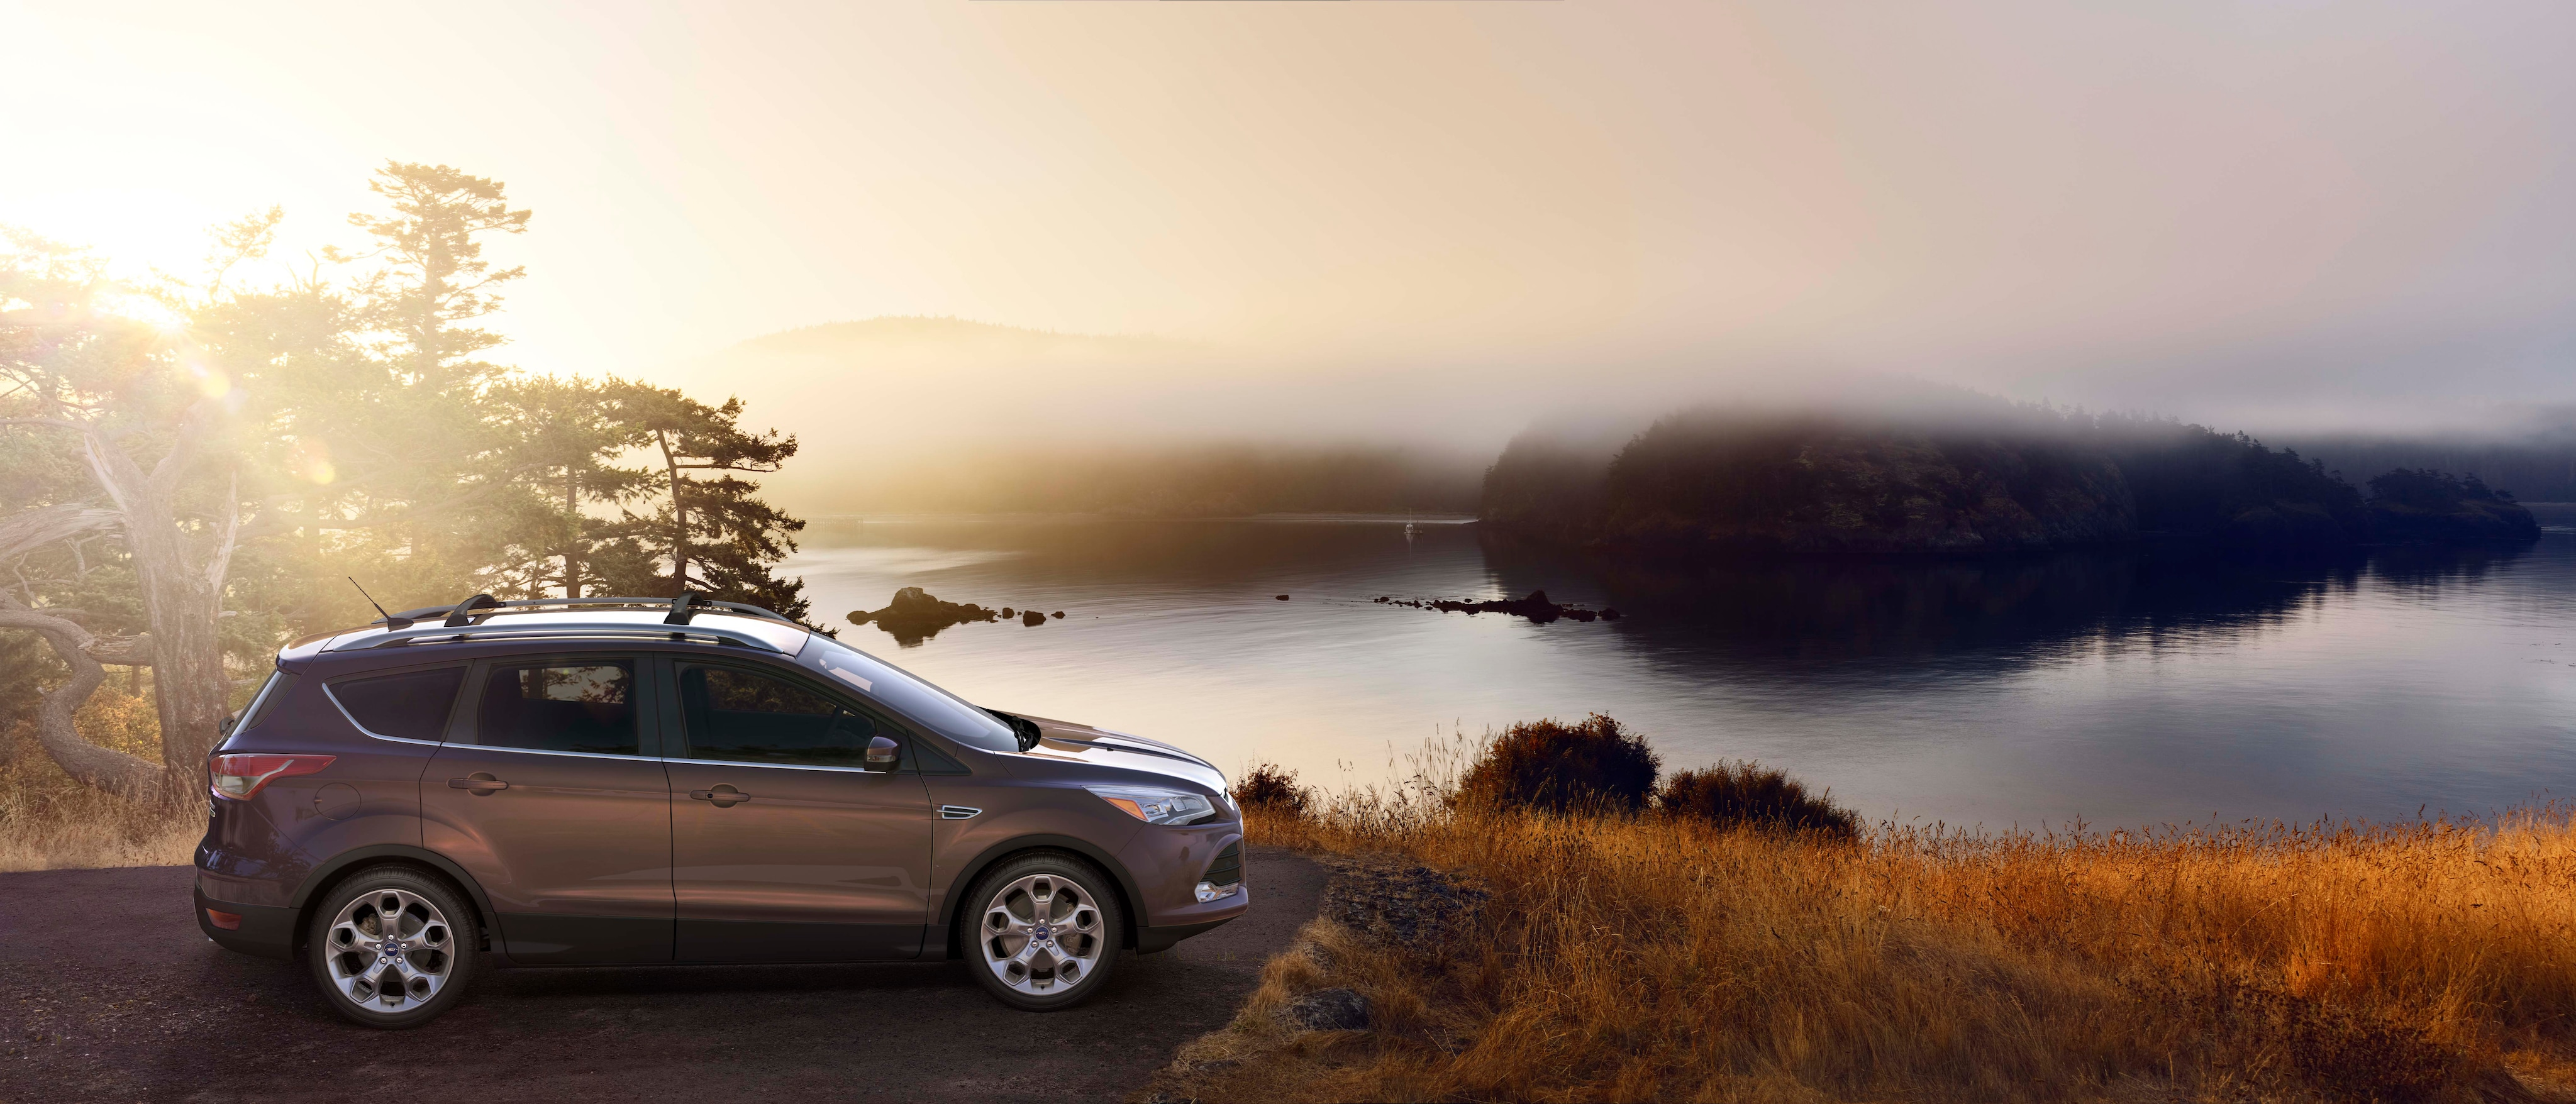 Ford Escape Vs. Honda CR V In Orange County